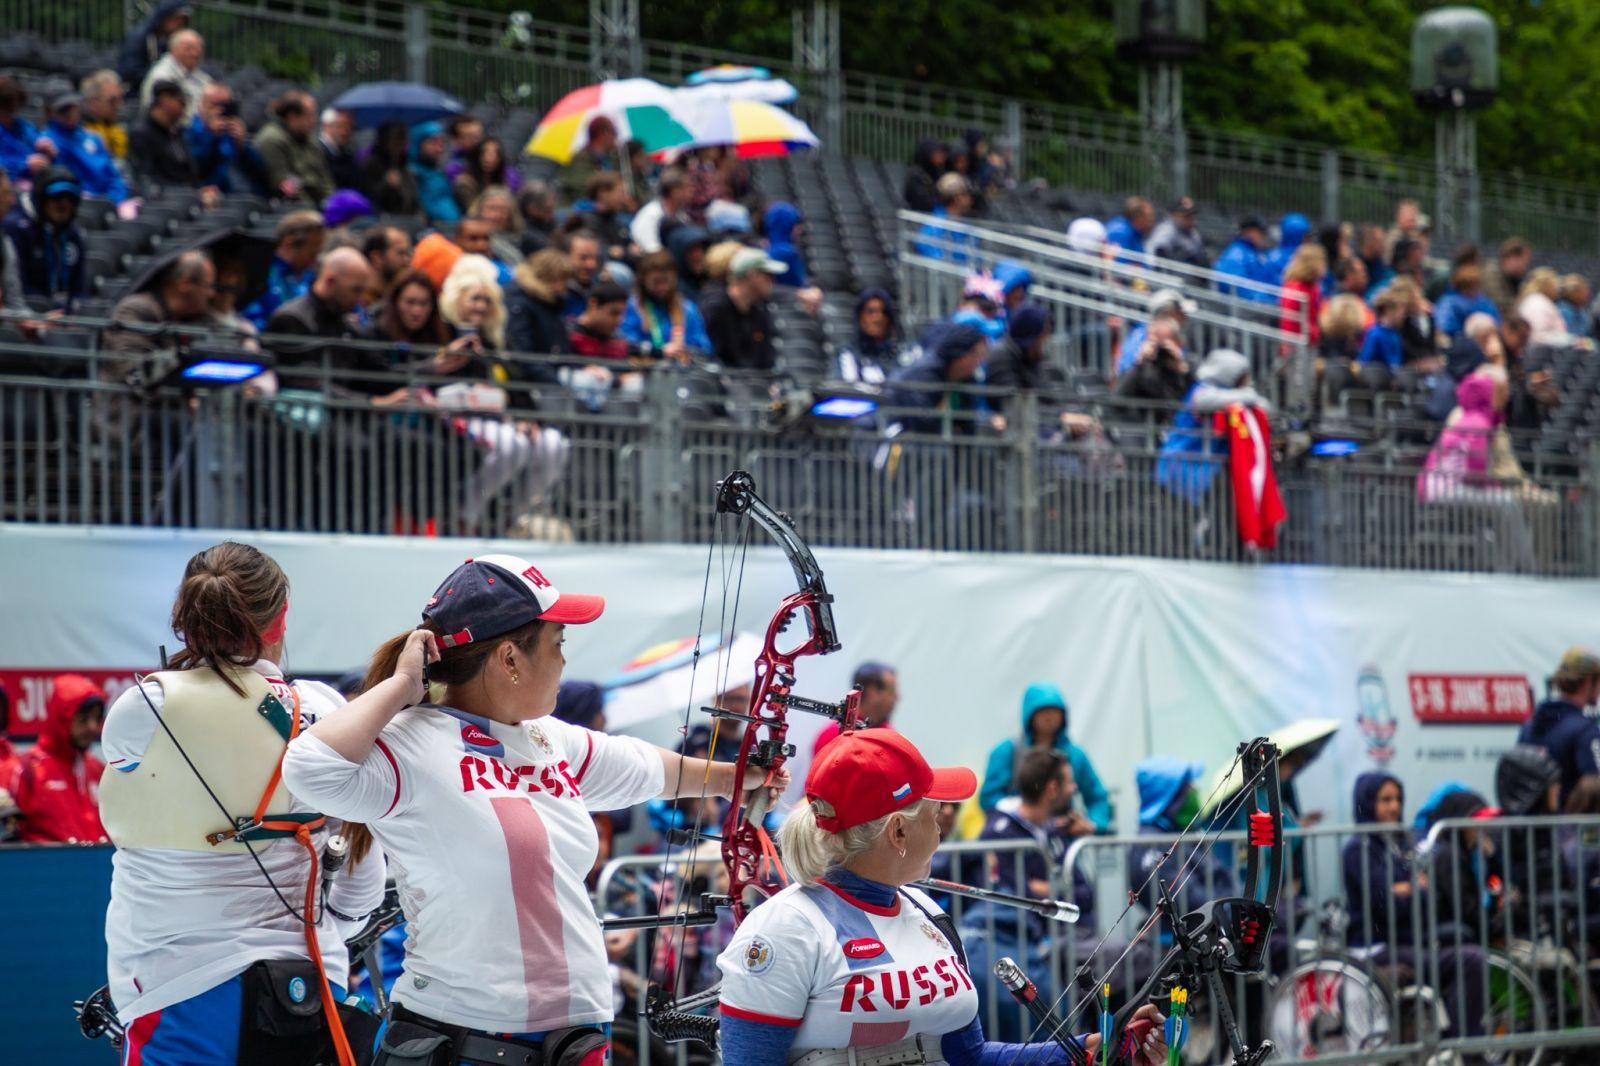 Сборная команда России по стрельбе из лука завоевала 1 золотую, 2 серебряные и 3 бронзовые медали в пятый день чемпионата мира в Нидерландах